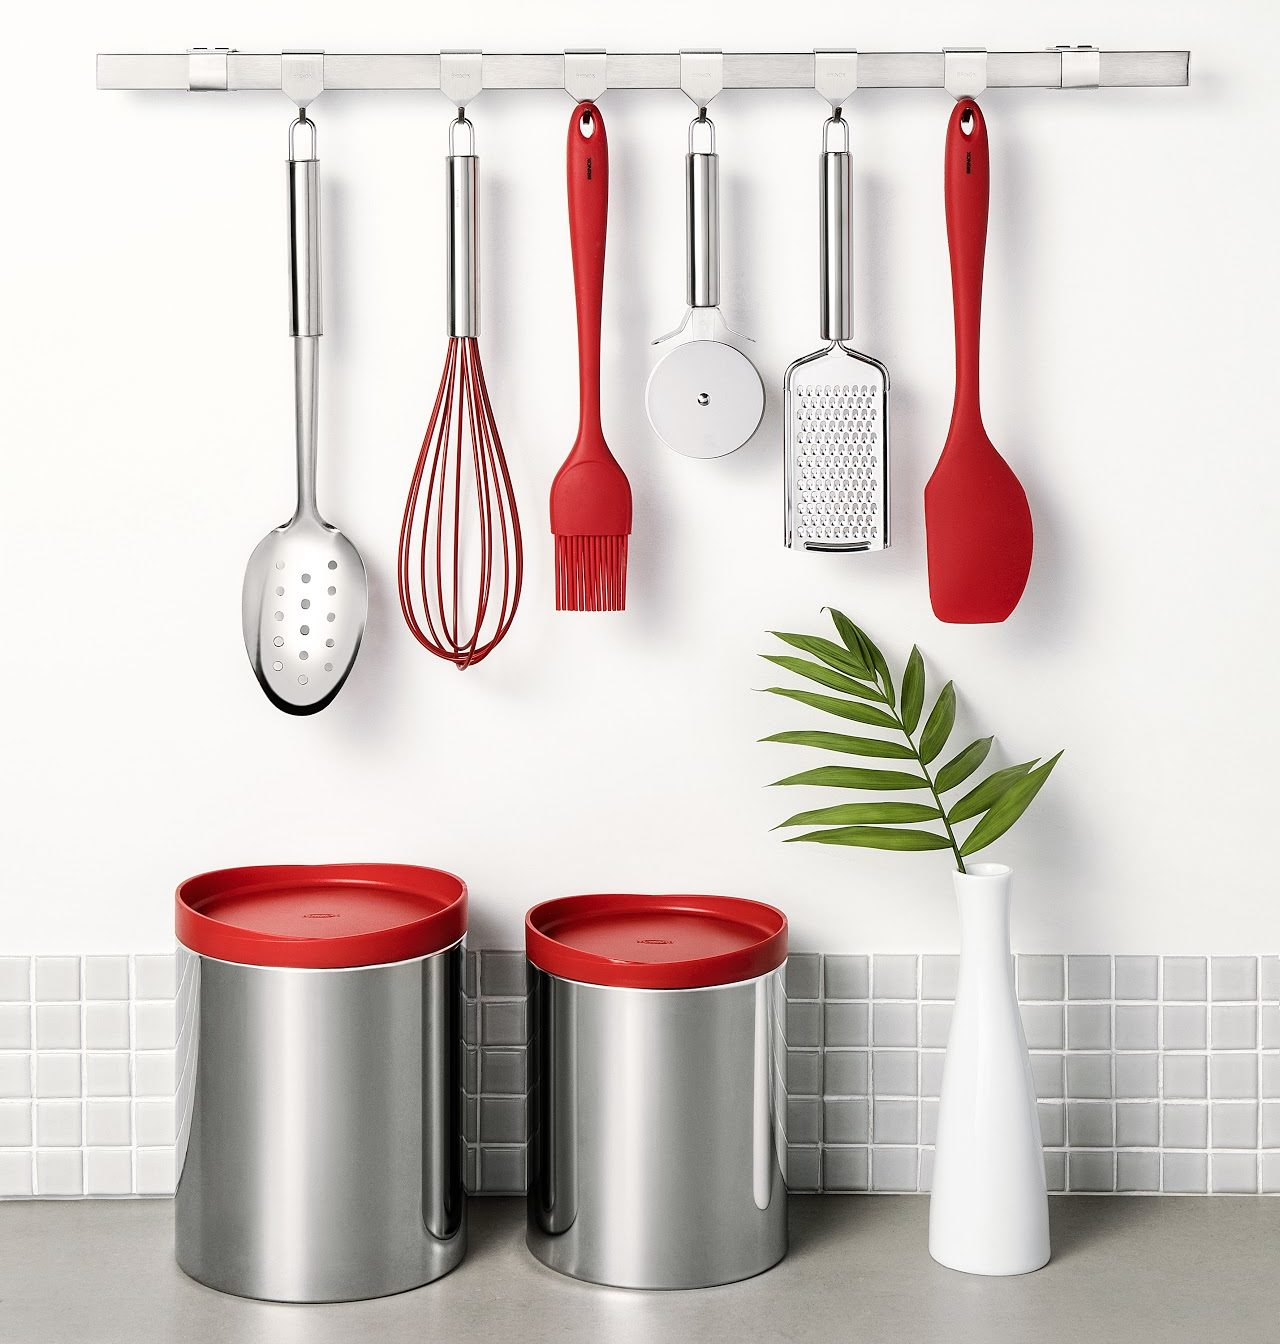 Feng Shui na cozinha: acessórios, como potes e utensílios, precisam ficar organizados.